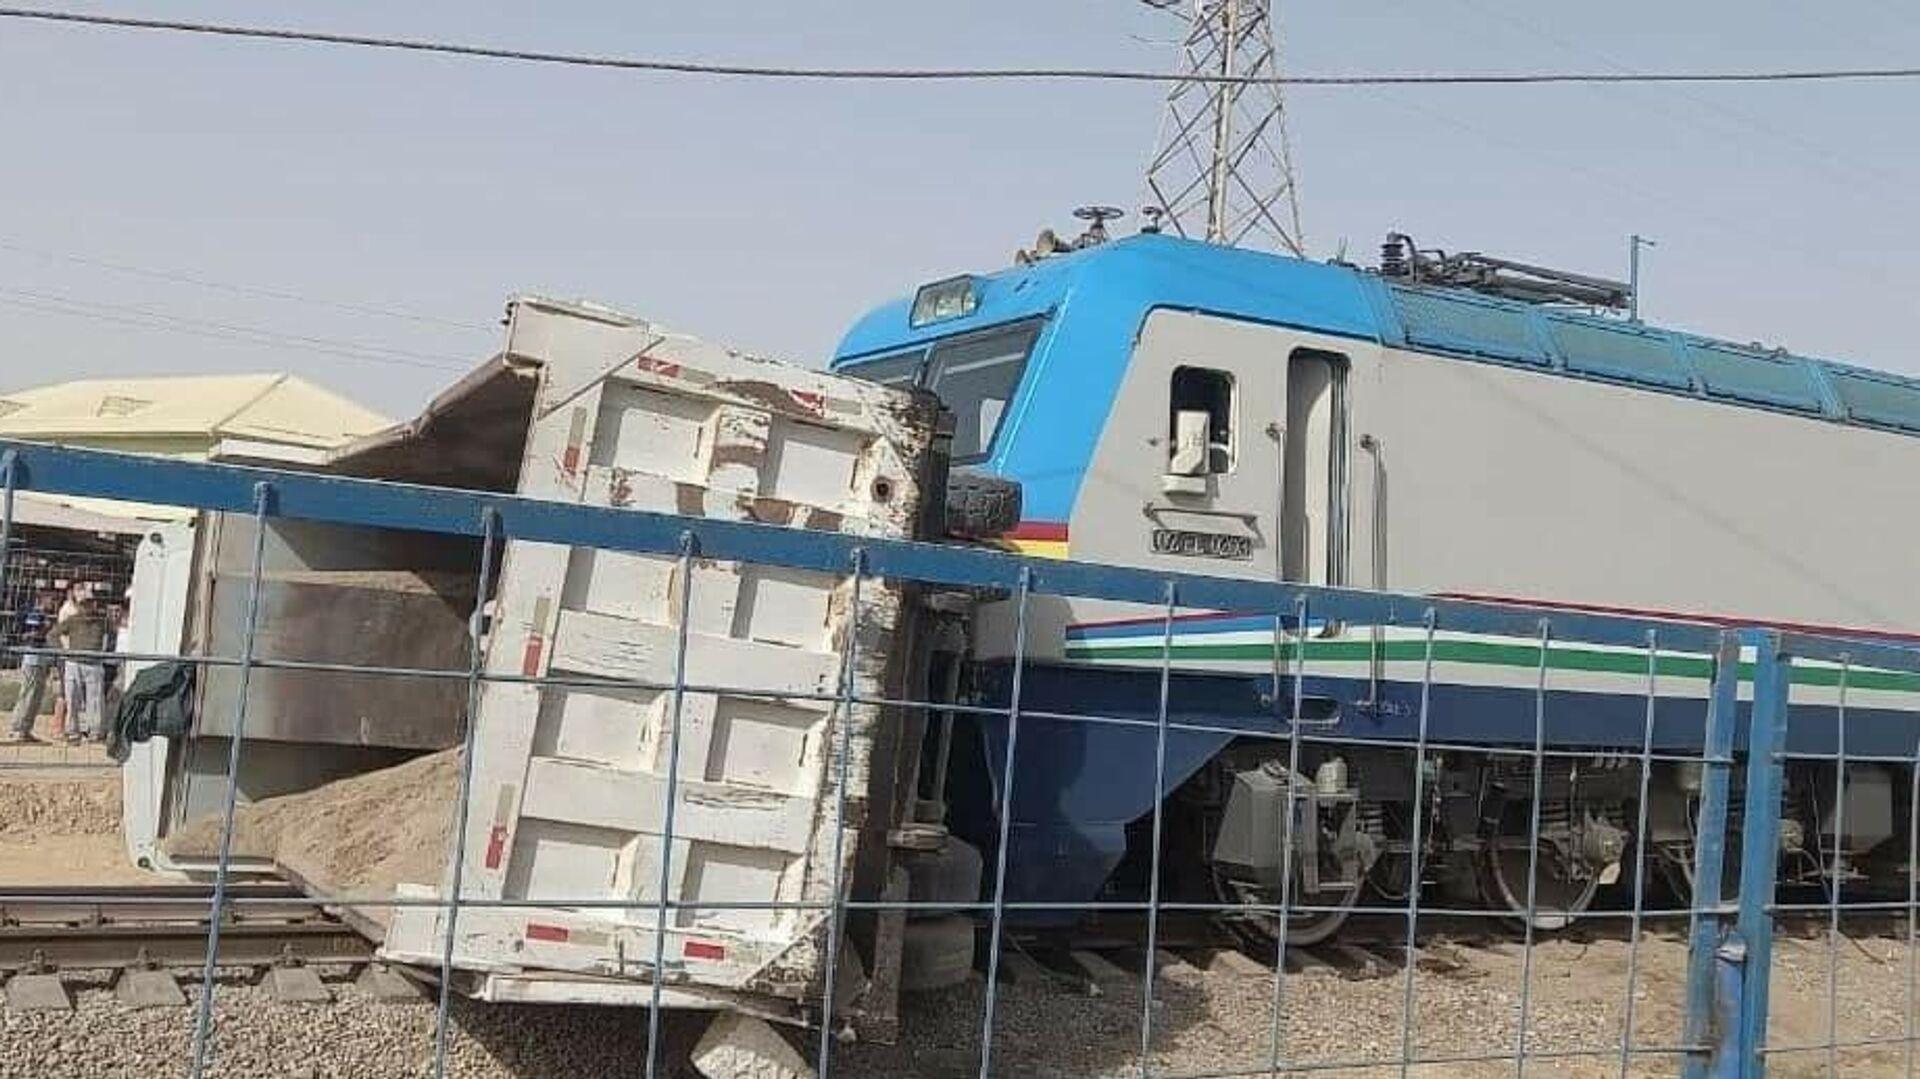 Столкновение грузовика с поездом в Сурхандарьинской области - Sputnik Узбекистан, 1920, 09.09.2021